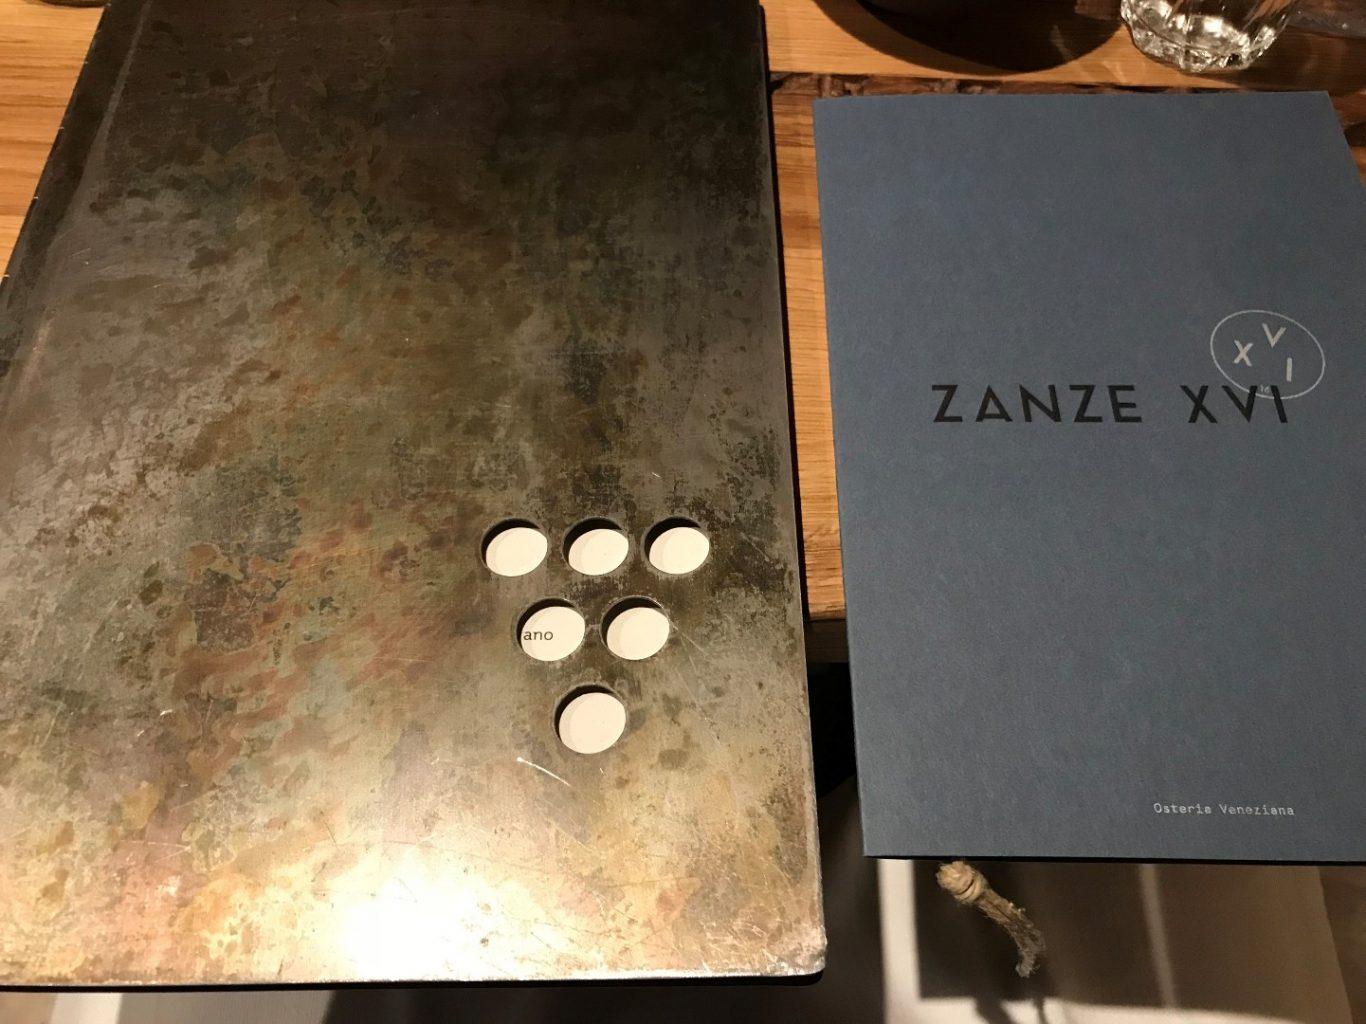 Zanze XVI, Venezia